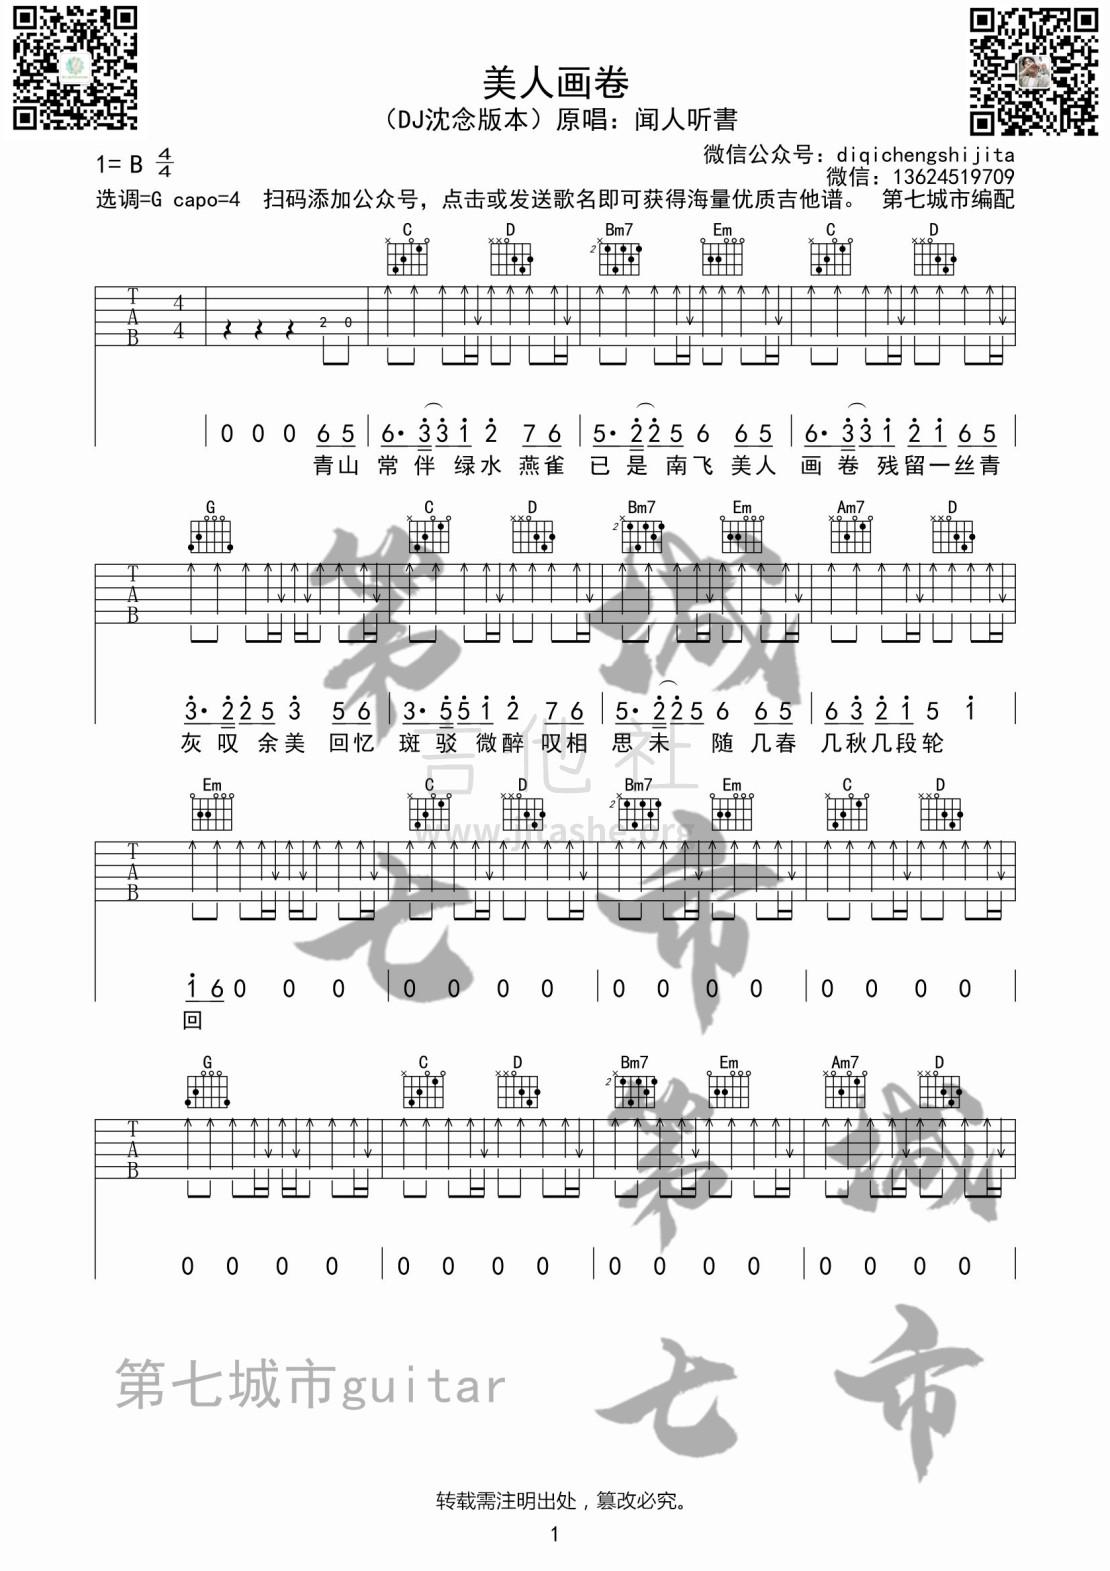 美人画卷吉他谱(图片谱,美人画卷,吉他谱,闻人听书)_闻人听書_美人画卷水印二维码01__.jpg